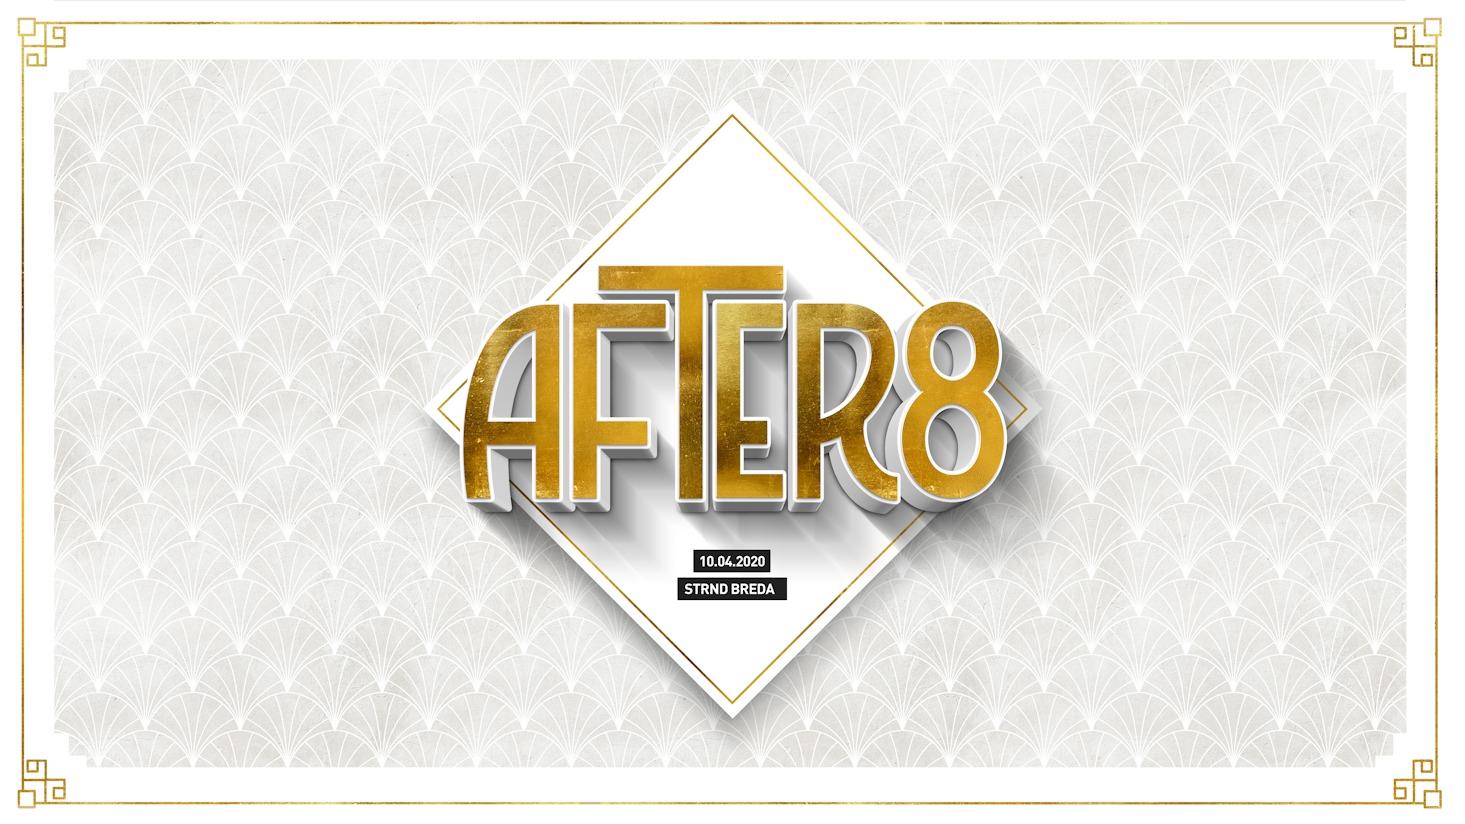 AFTER8 – Postponed